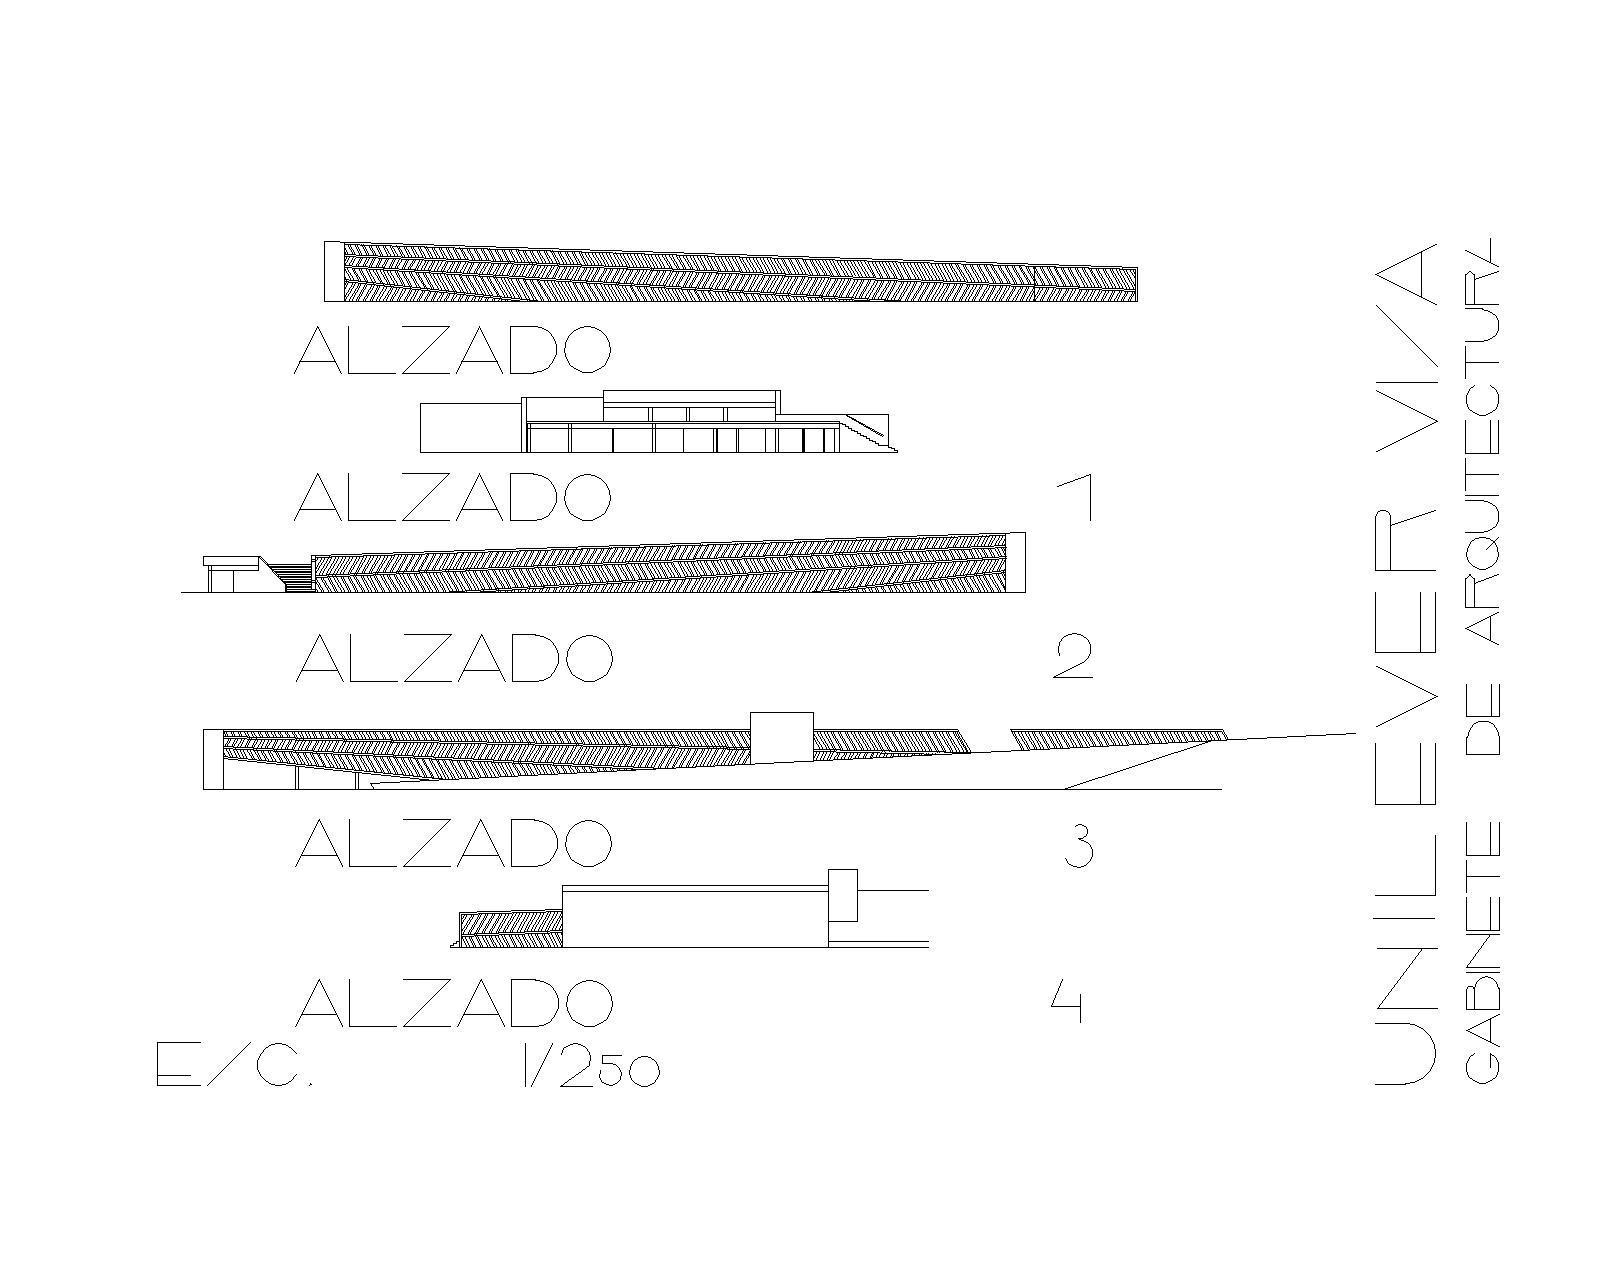 1307389949-fachadas-layout1.jpg